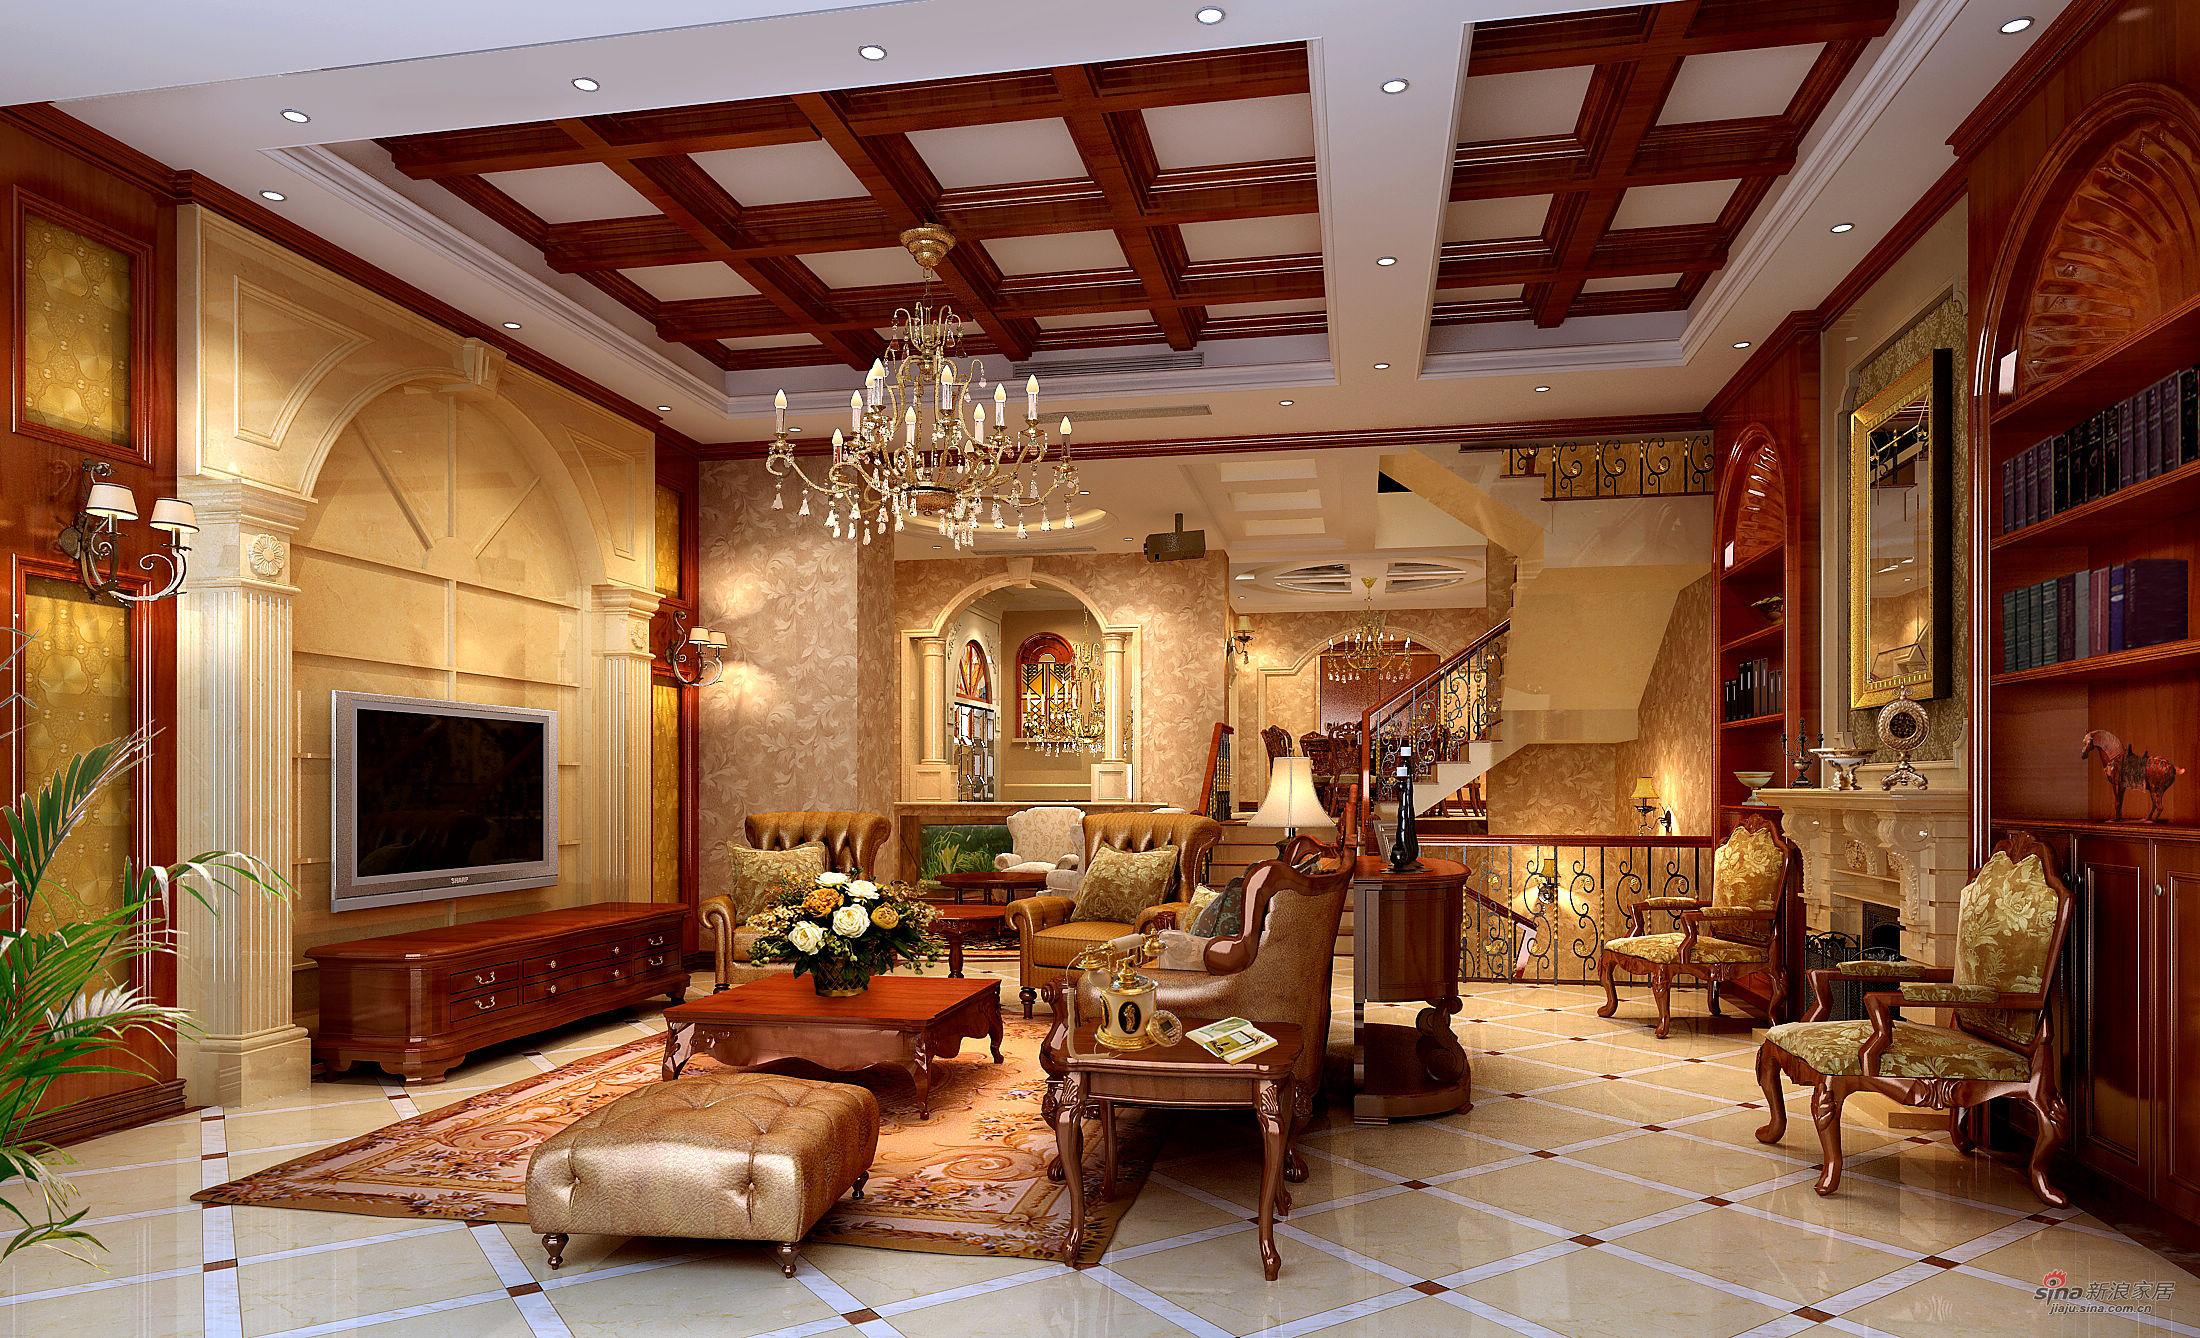 欧式风格500平米大别墅图片